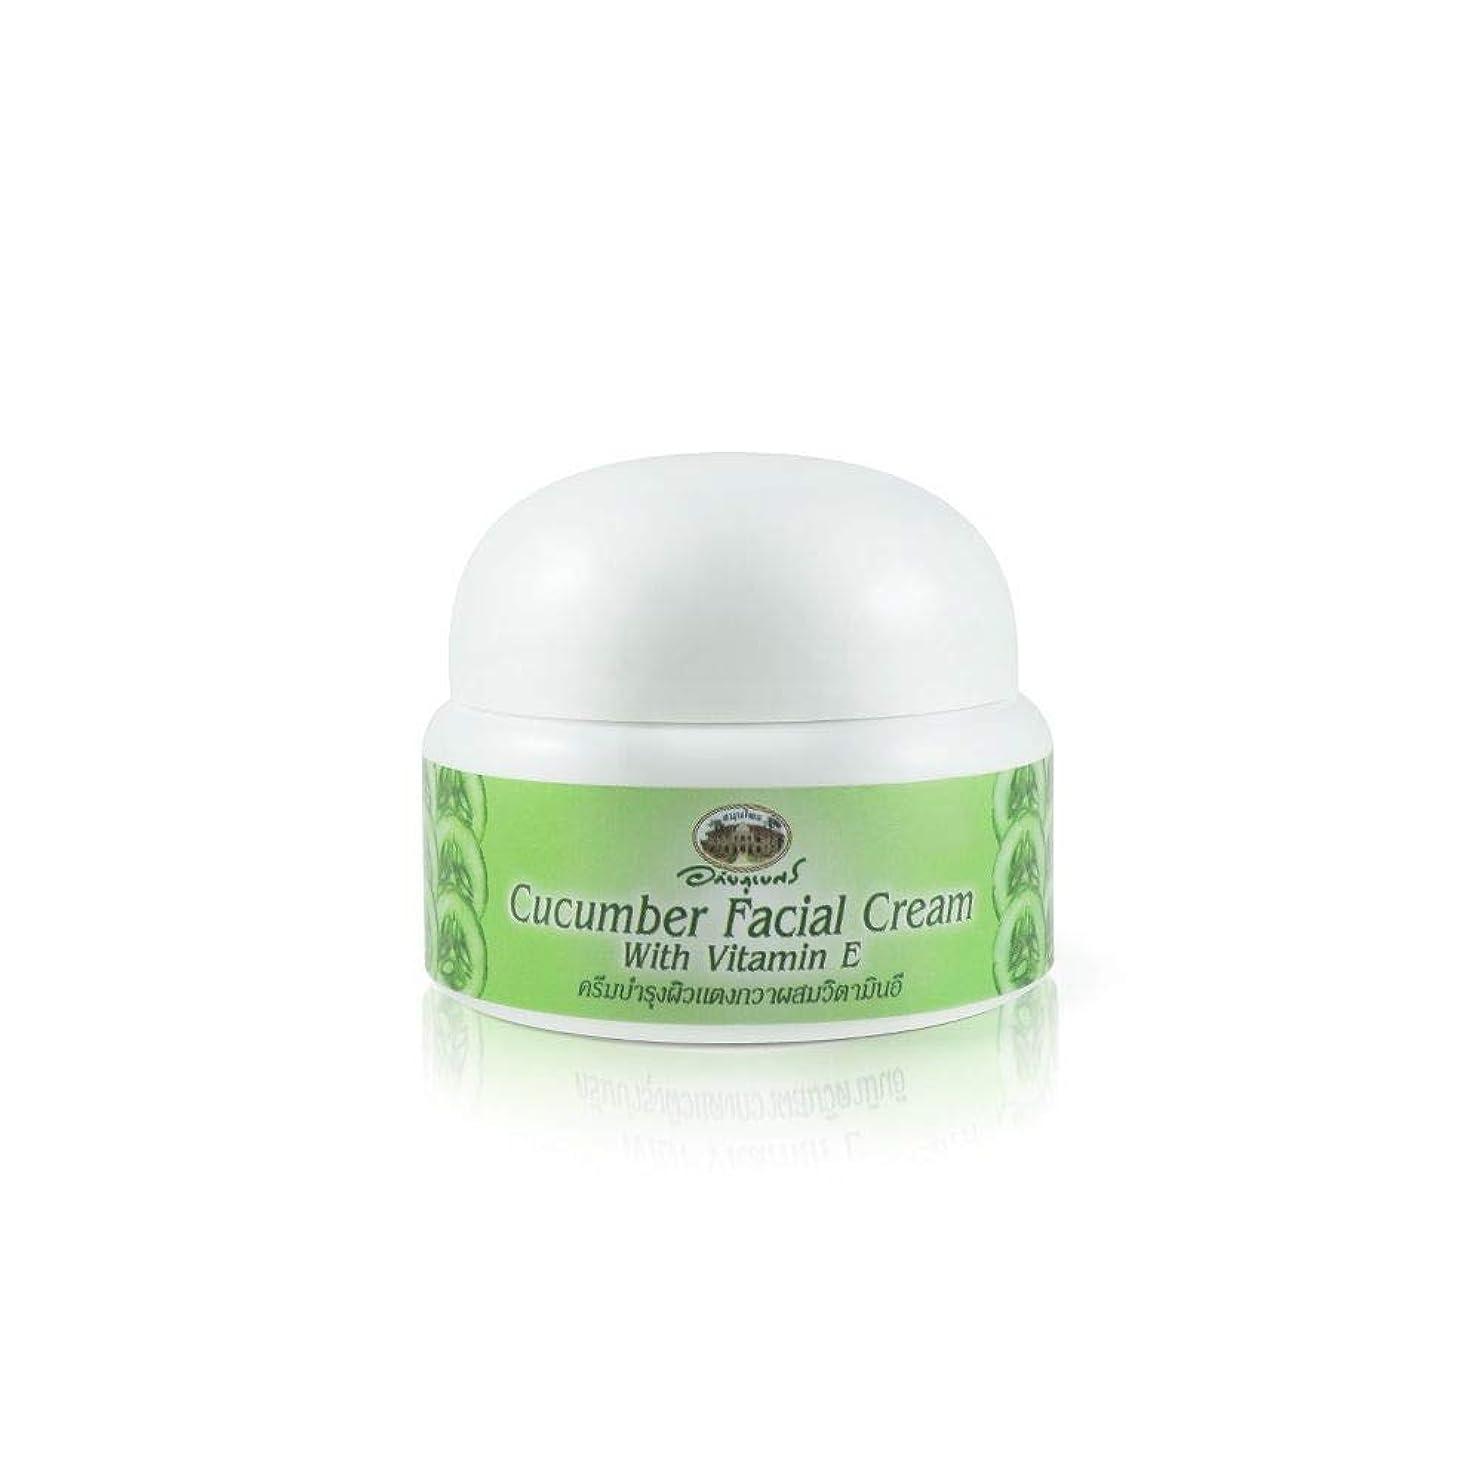 クレタマディソン厳しいAbhaibhubejhr Cucumber Herbal Facial Cream With Vitamin E 40g. Abhaibhubejhrキュウリハーブフェイシャルクリーム(ビタミンE入り)40g